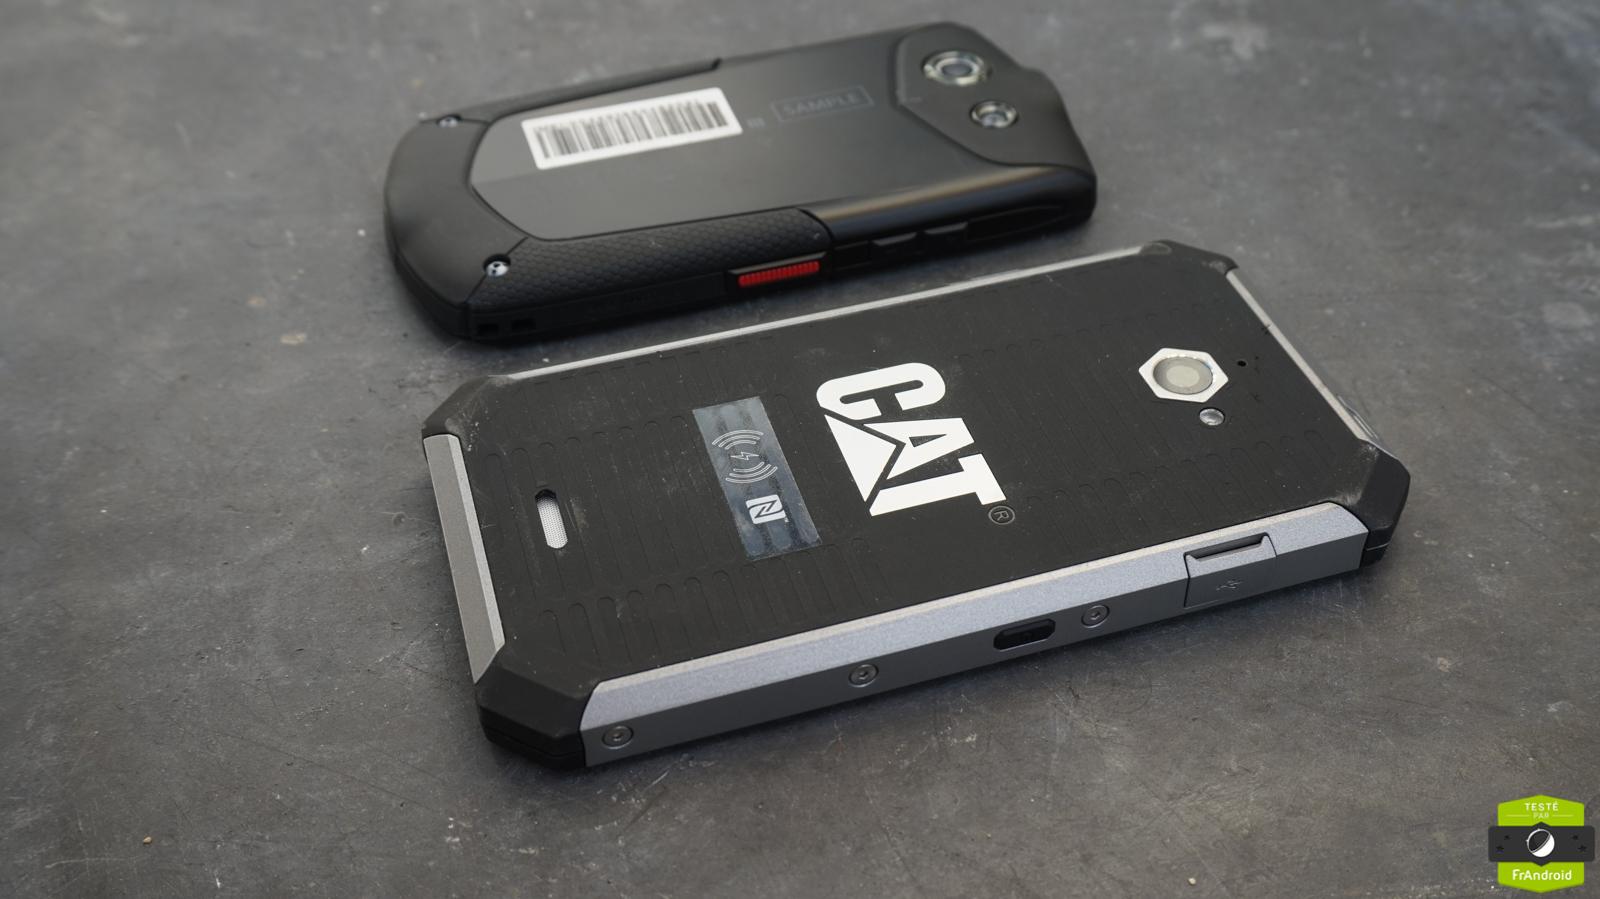 Smartphones baroudeurs 4G : les Cat S50 et Kyocera Torque